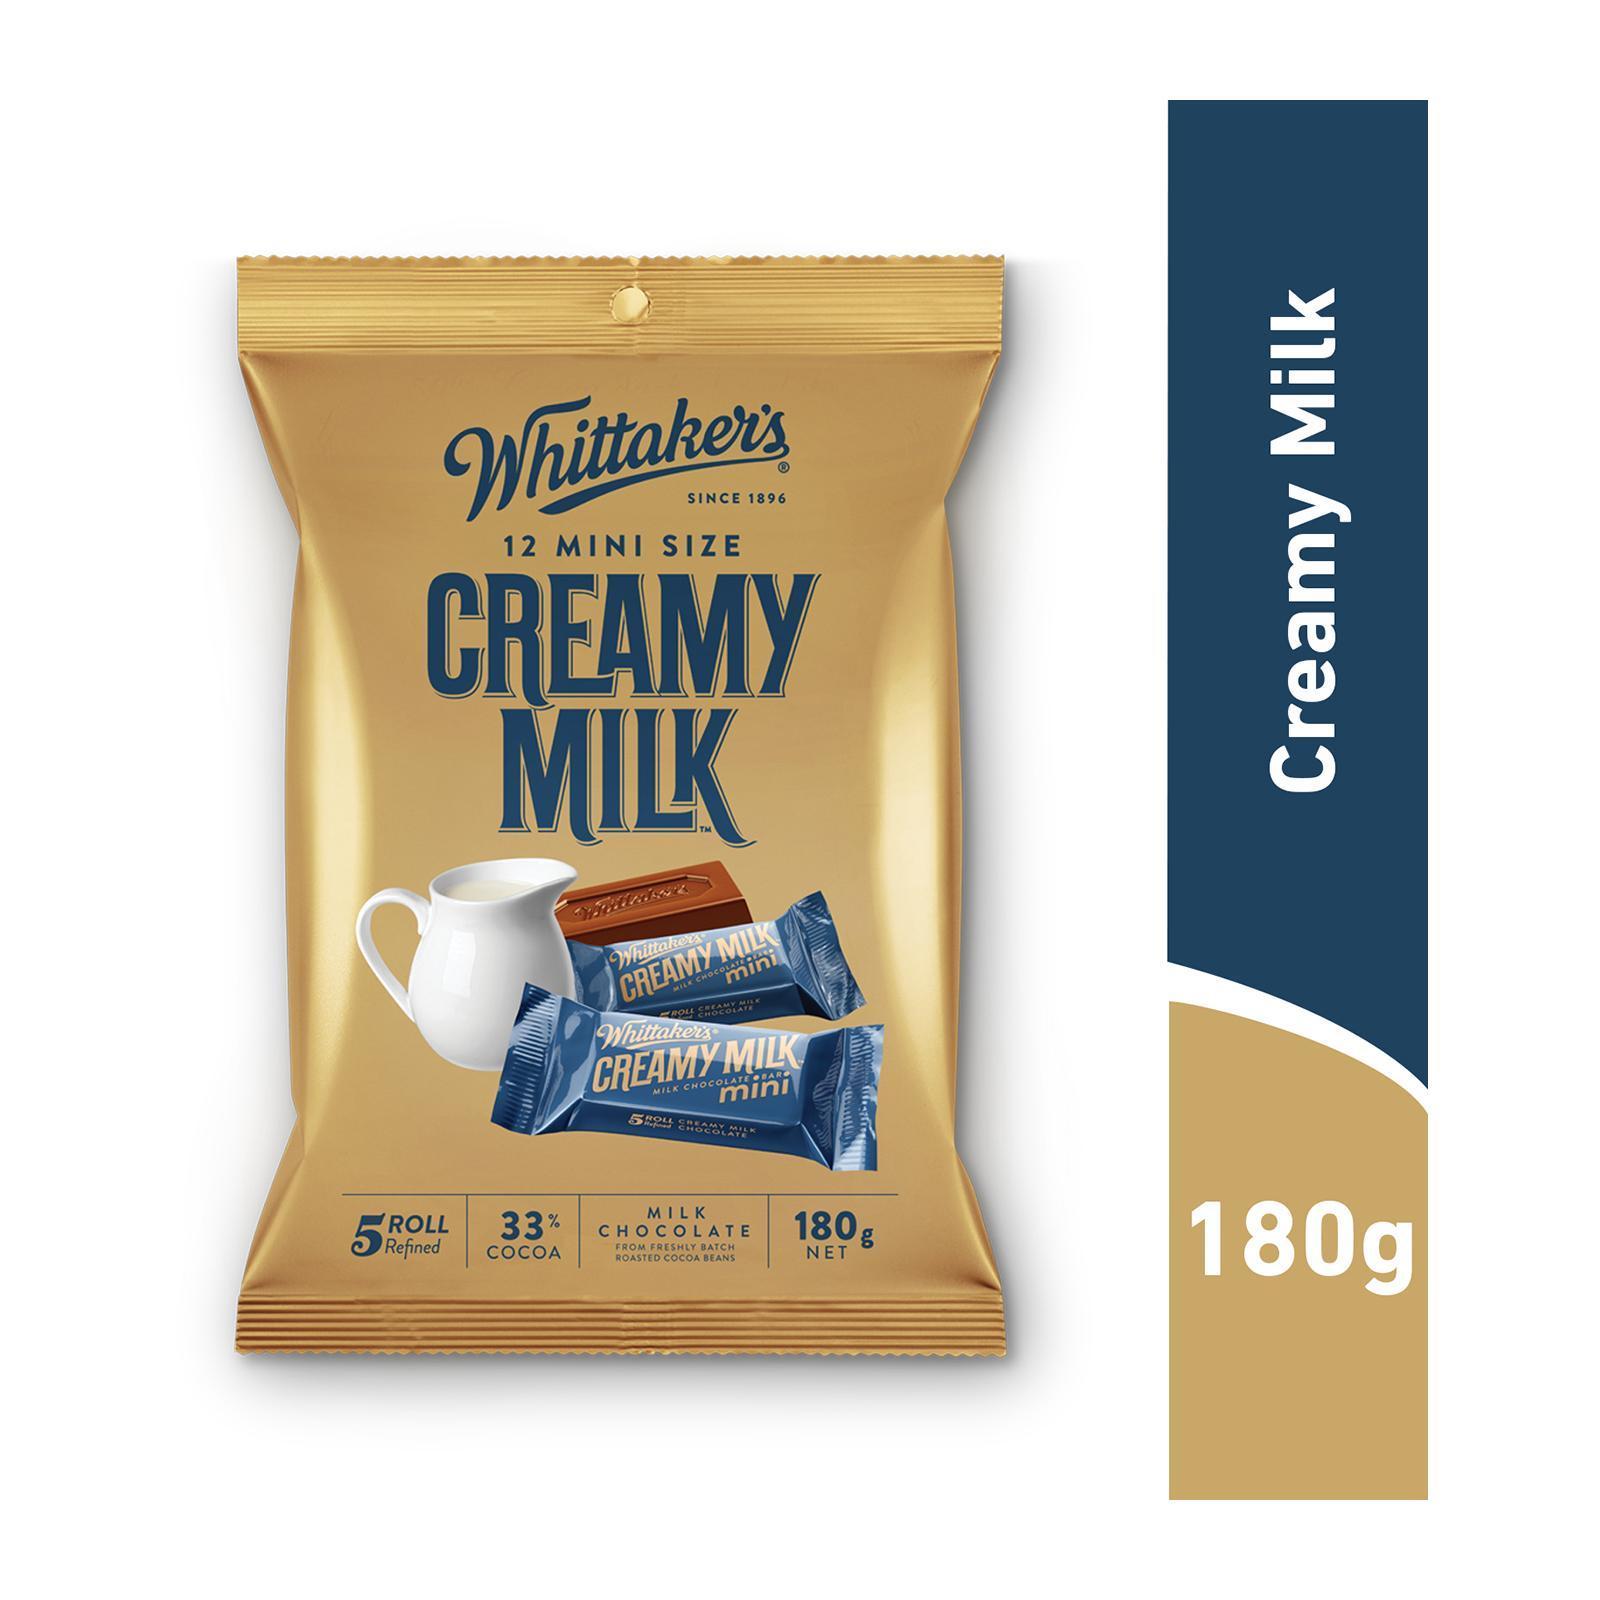 Whittaker's Creamy Milk Mini Sharepack Chocolate